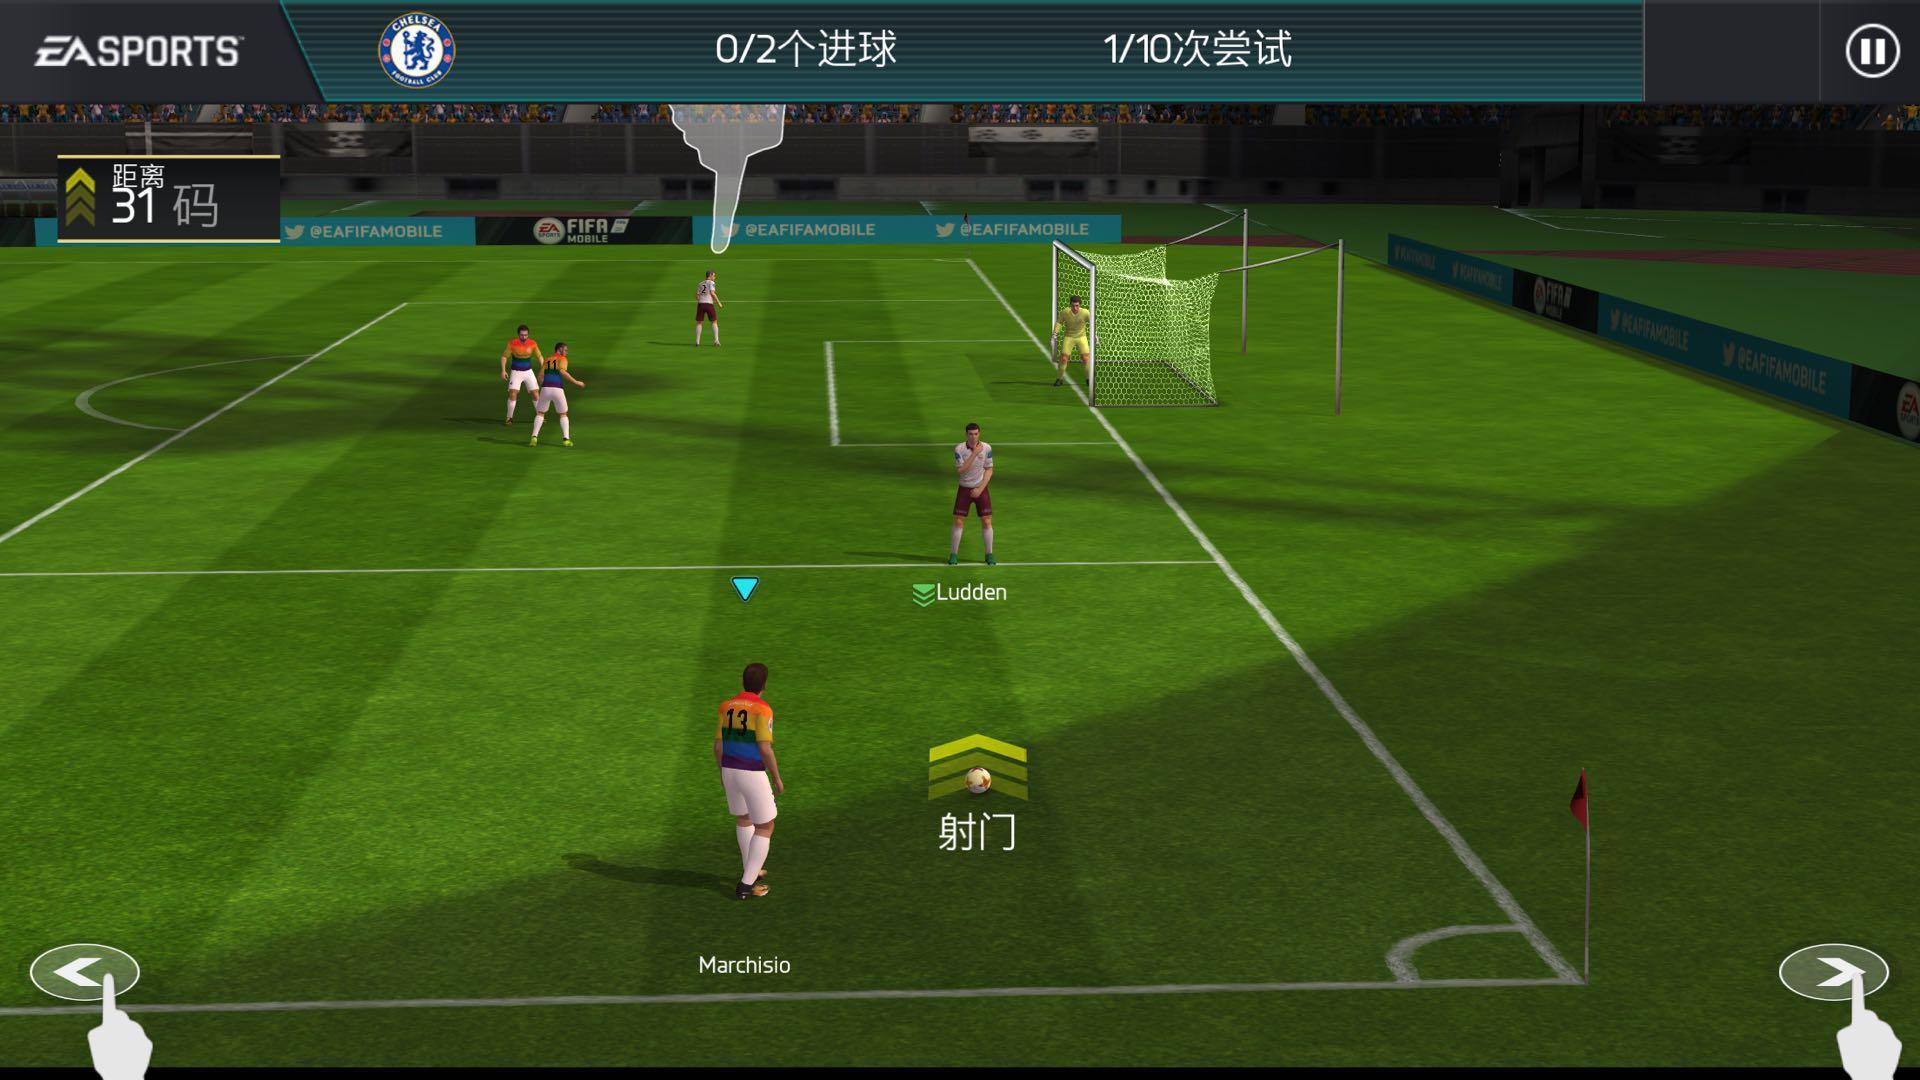 经典IP较量,《FIFA》与《实况足球》谁能引领国内足球手游新风向